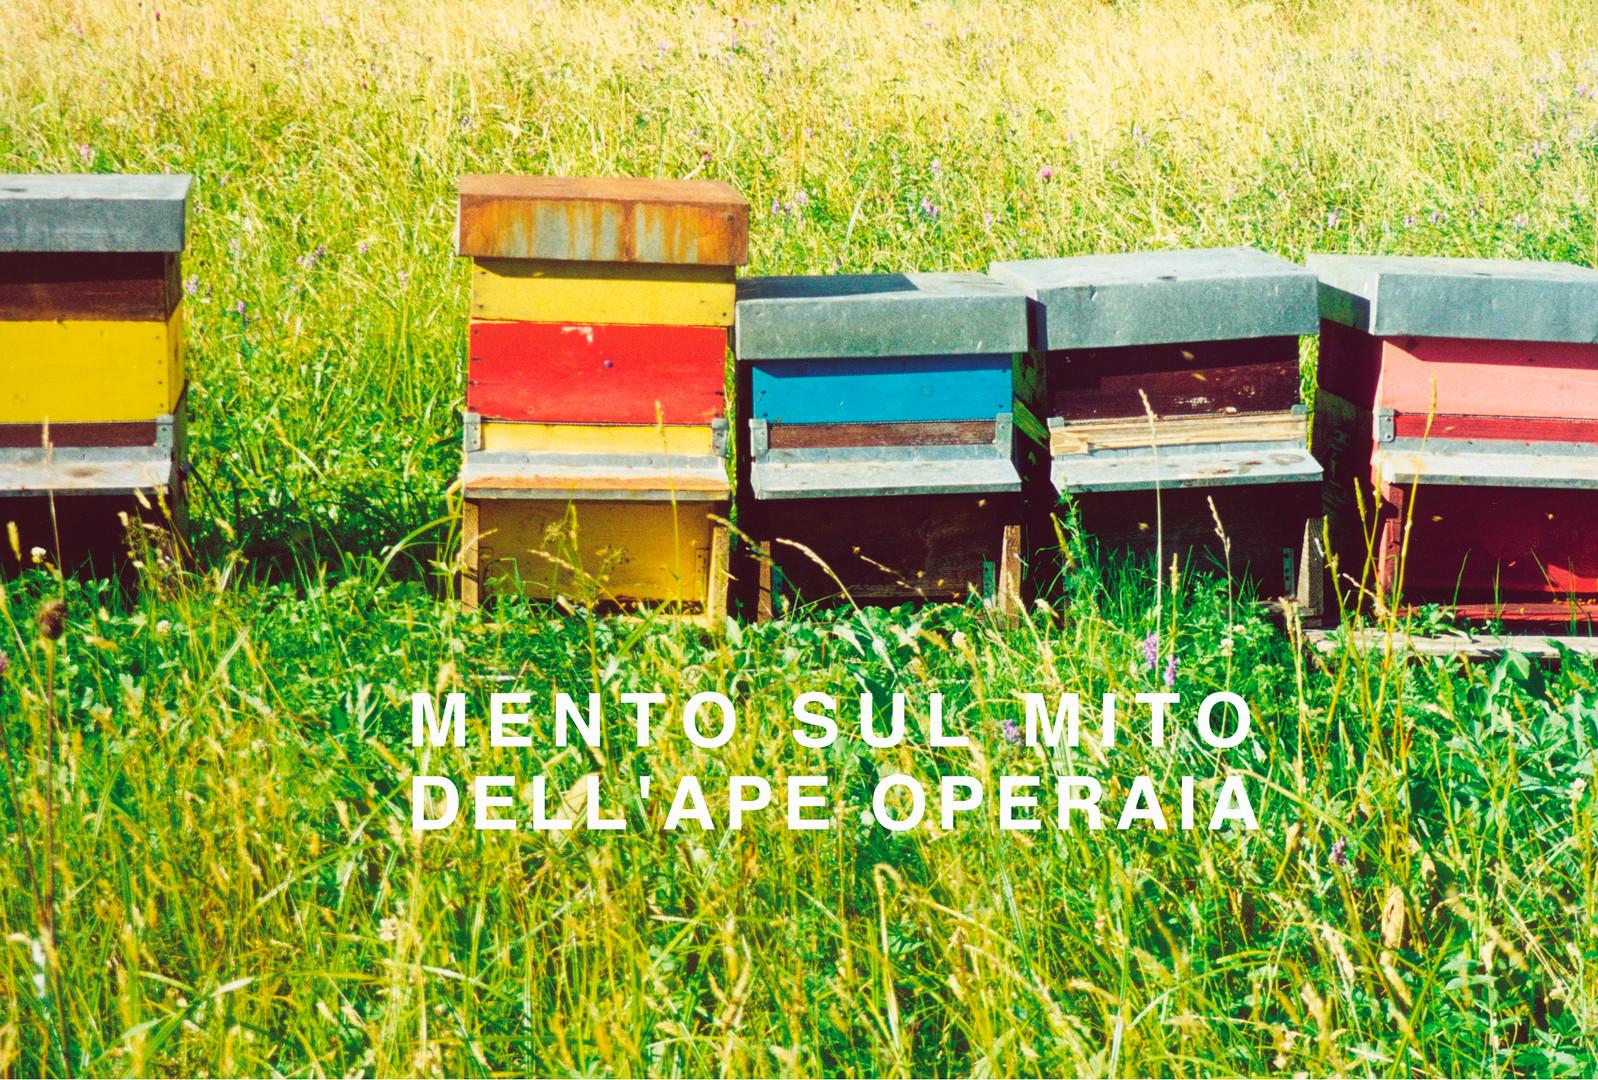 mento sull mito dell'ape operaia